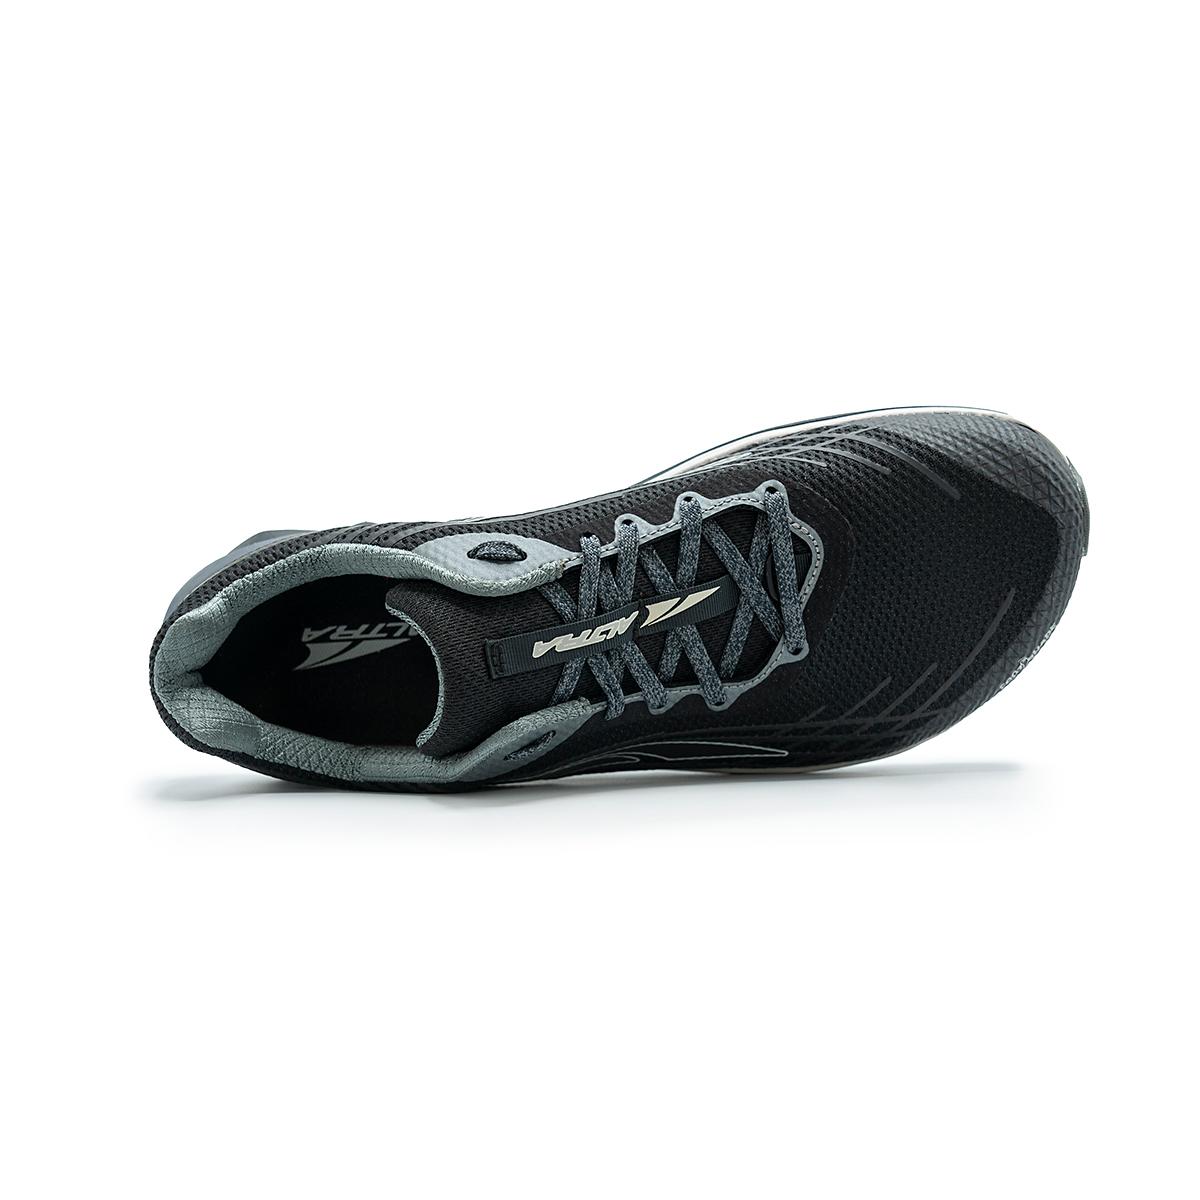 Men's Altra Timp 2 Running Shoe - Color: Black - Size: 7 - Width: Regular, Black, large, image 3